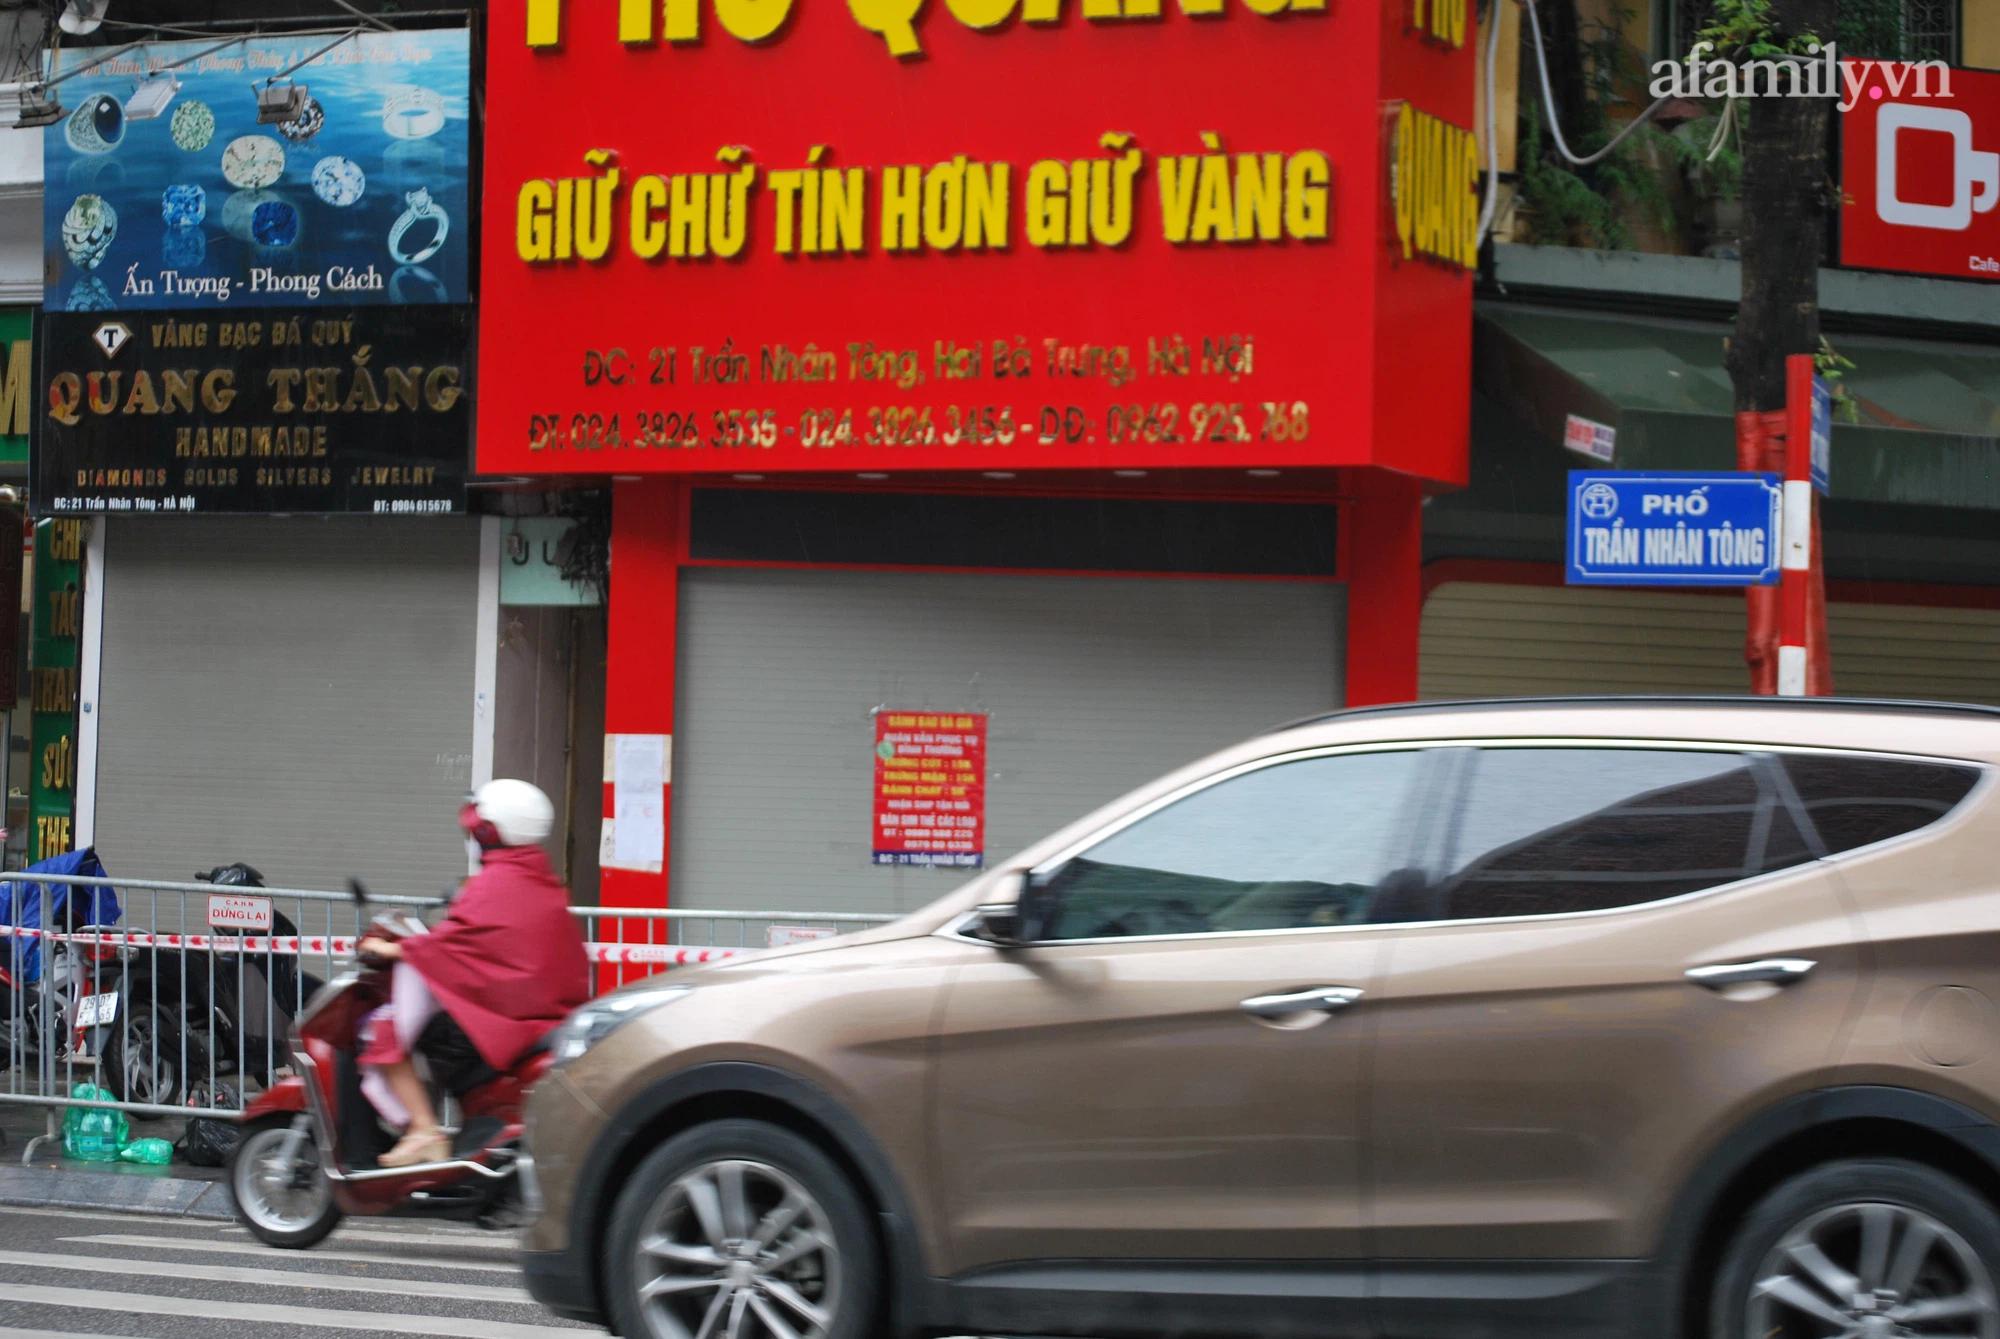 Hà Nội thông tin về trường hợp F0 tử vong trong tư thế treo cổ ở phố Trần Nhân Tông